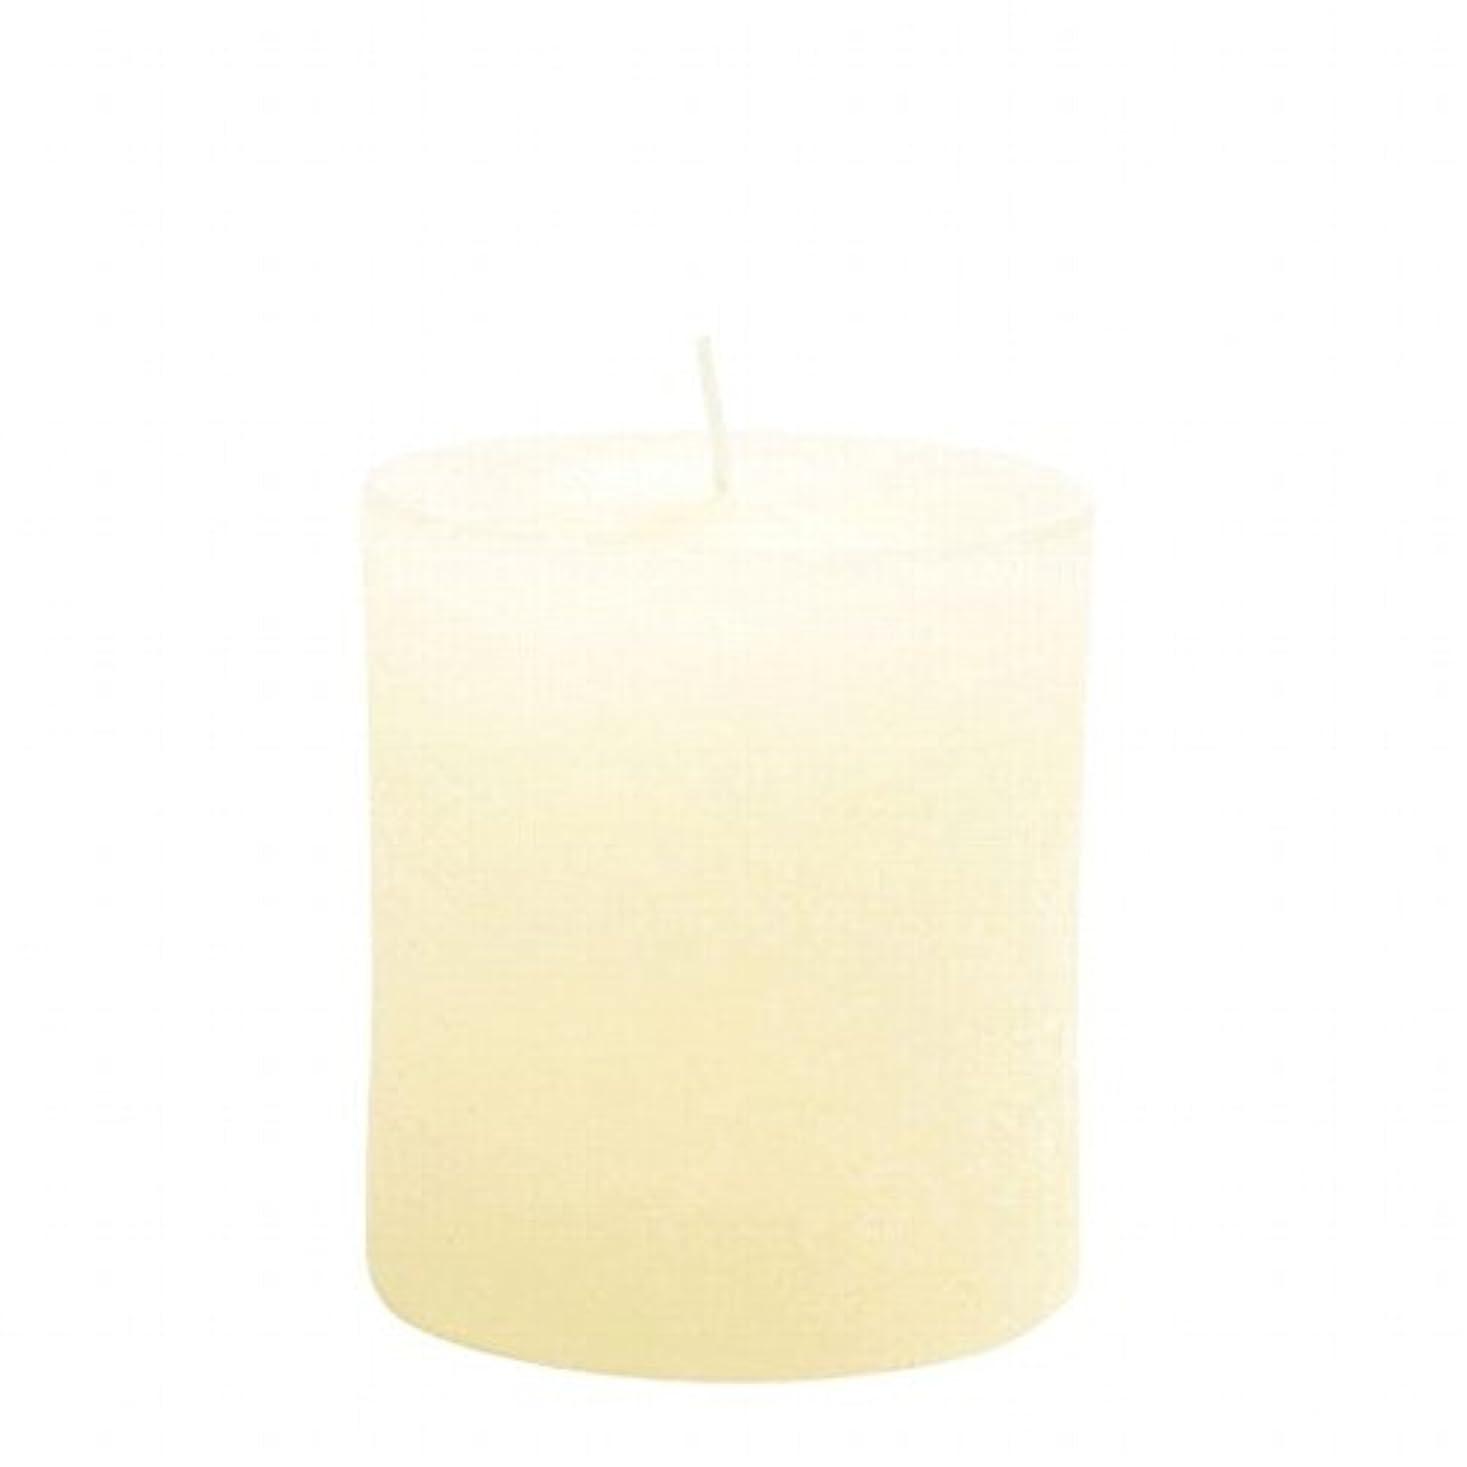 マルクス主義エッセンス冒険者カメヤマキャンドル( kameyama candle ) ラスティクピラー70×75 「 アイボリー 」